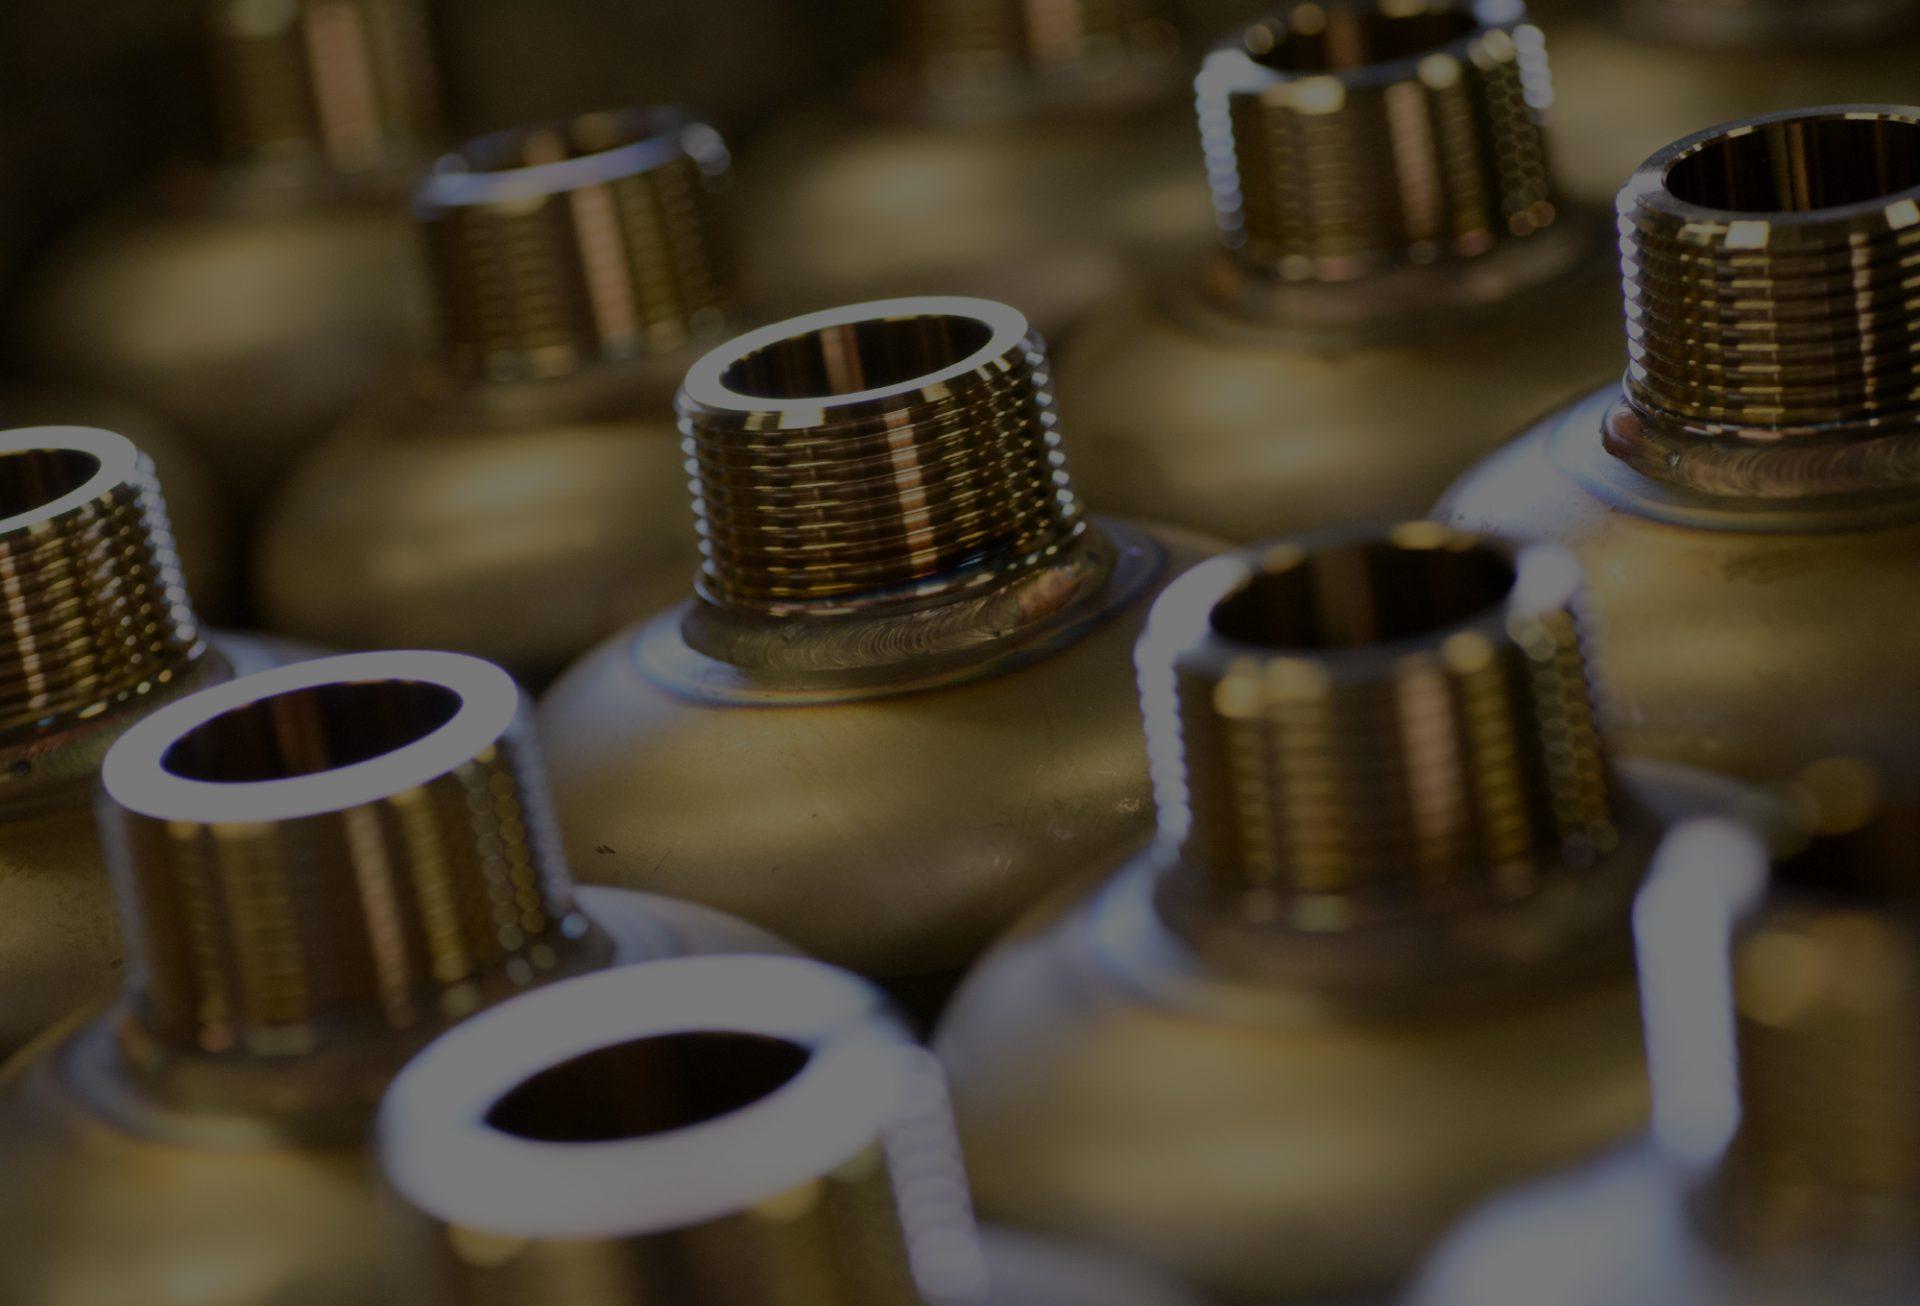 松内電器工業 株式会社 製造実績 背景画像